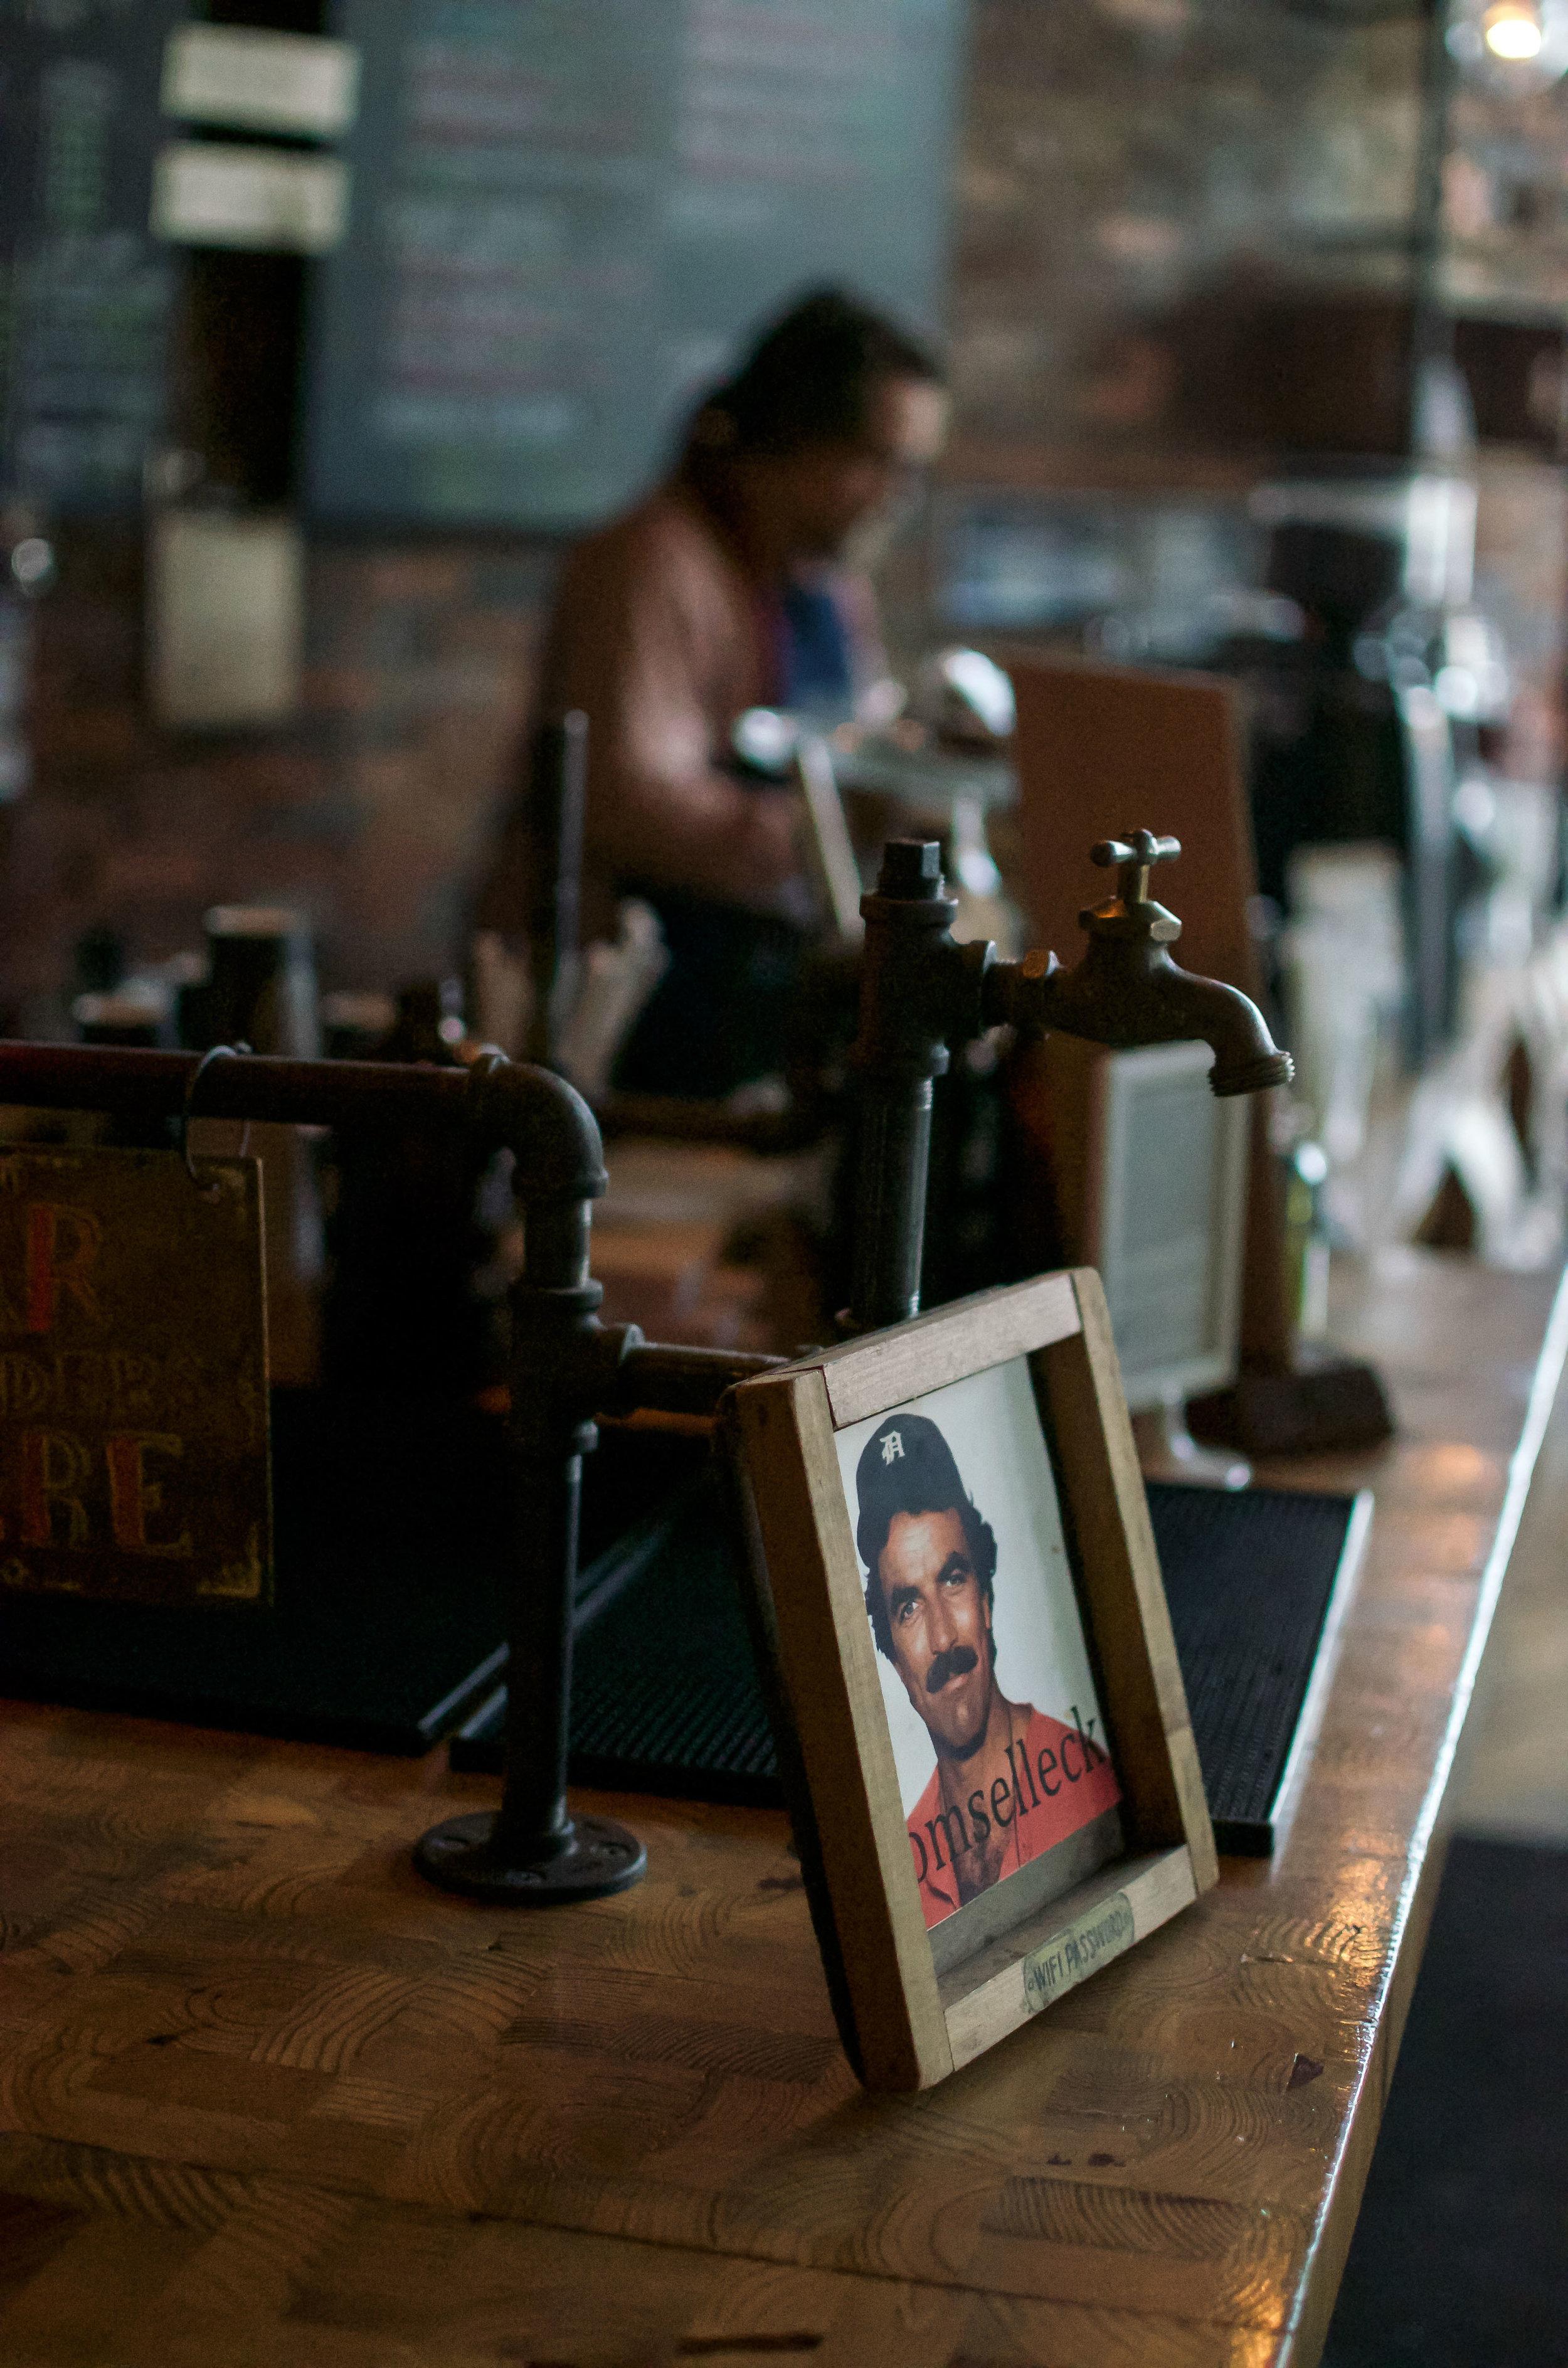 Wendling_Boyd_Coffee_Guide_Great_Lakes_Coffee_Detroit-4.jpg